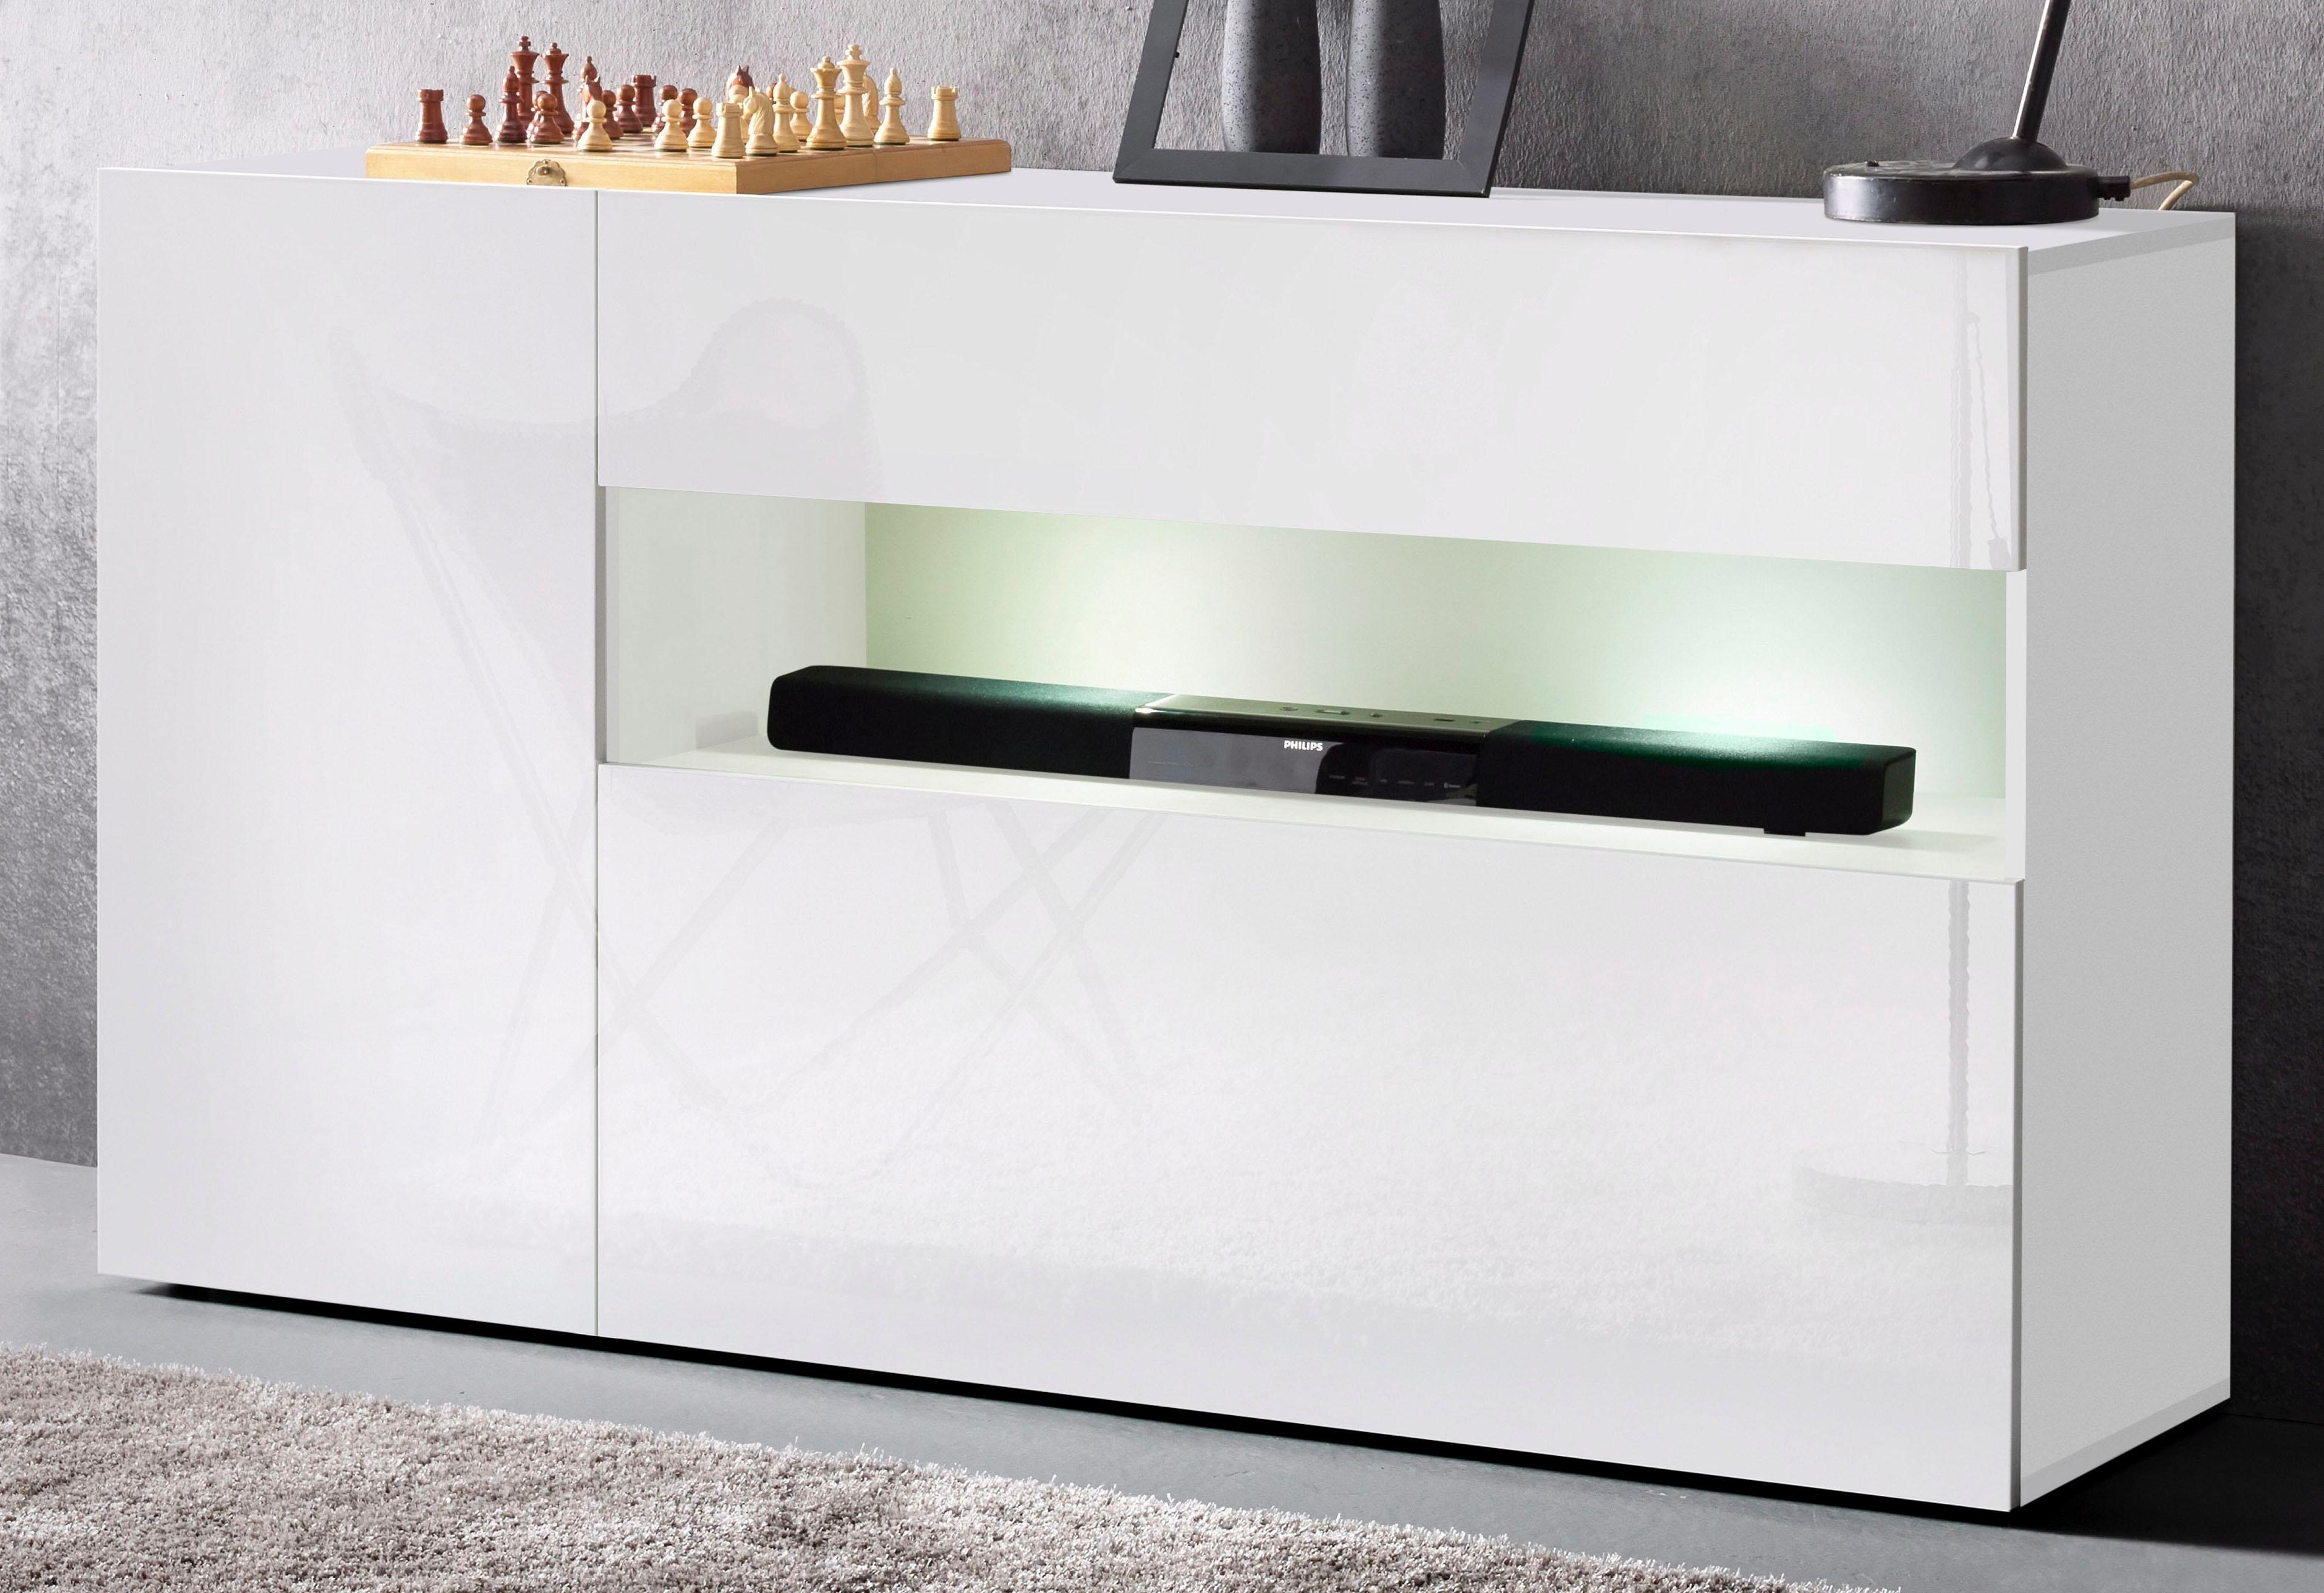 Tecnos Sideboard, breedte 140 cm goedkoop op otto.nl kopen